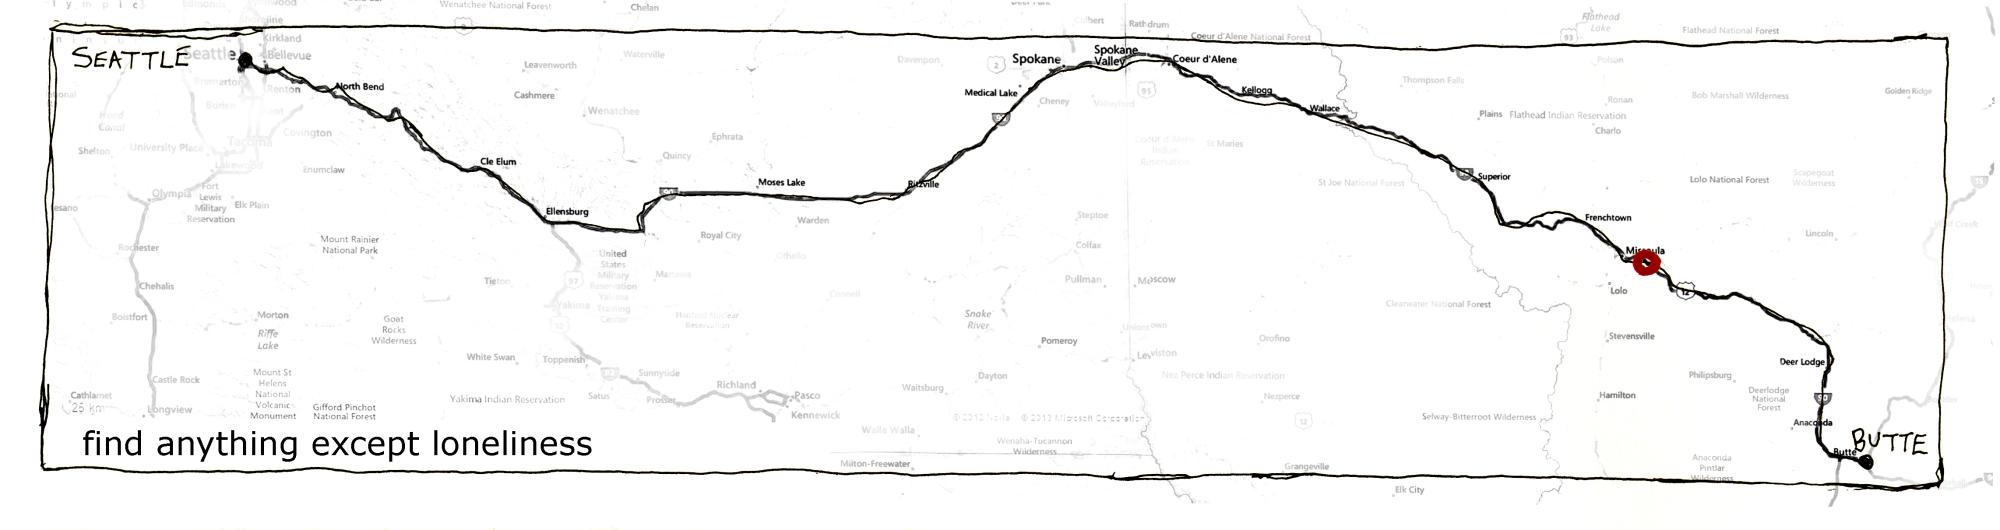 393 map